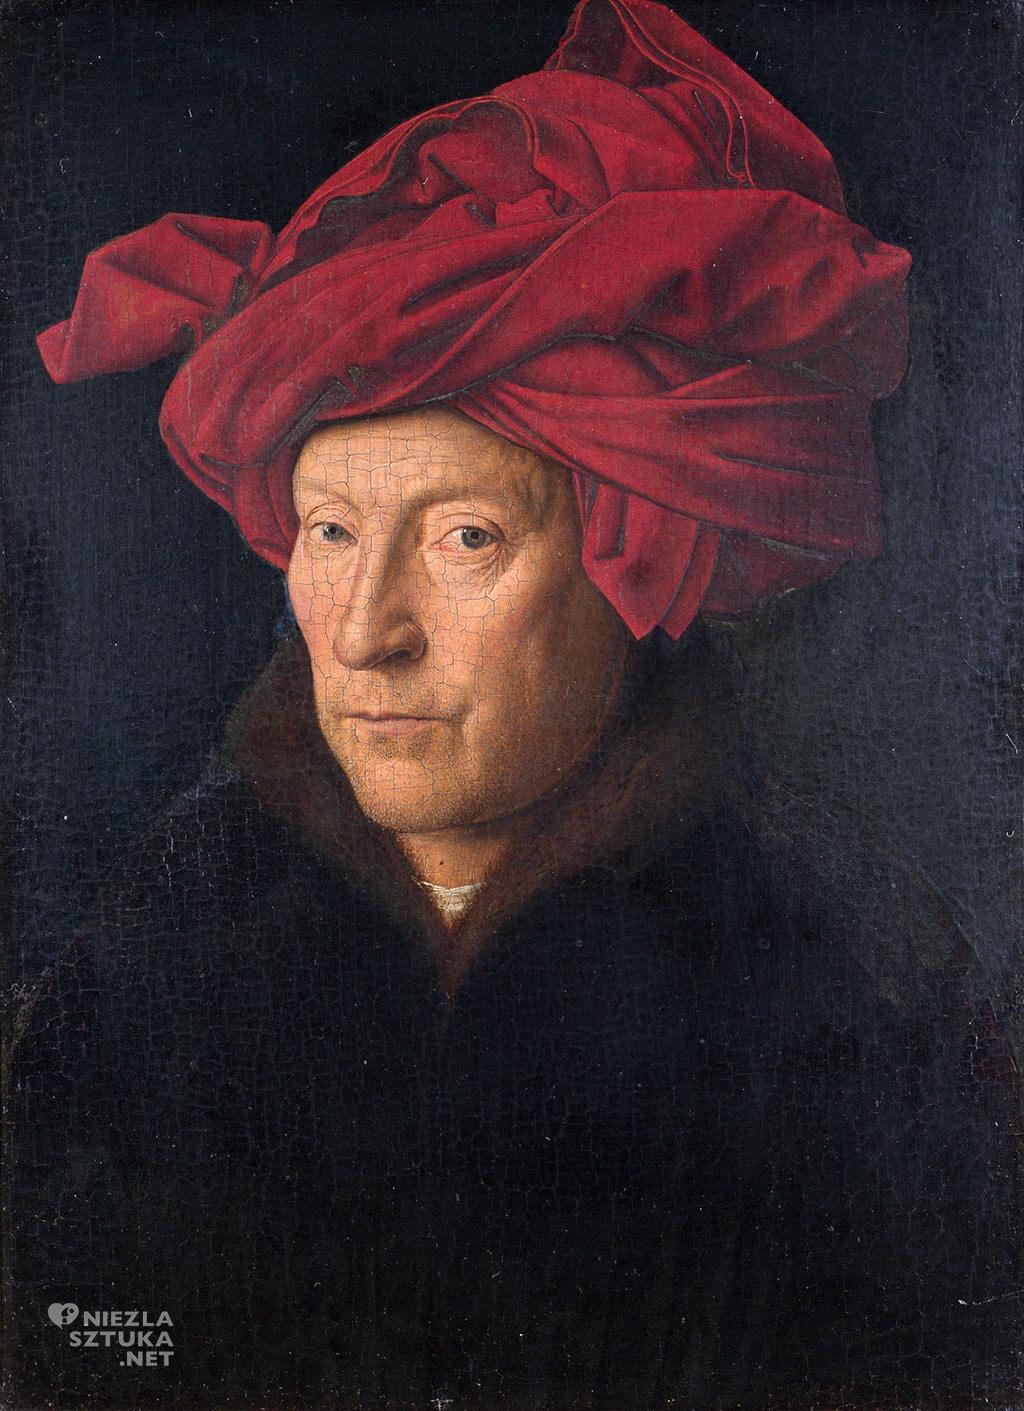 Jan van Eyck <em>Portret mężczyzny w czerwonym turbanie (Autoportret?)</em>, 1433, 26 x 19 cm, National Gallery w Londynie